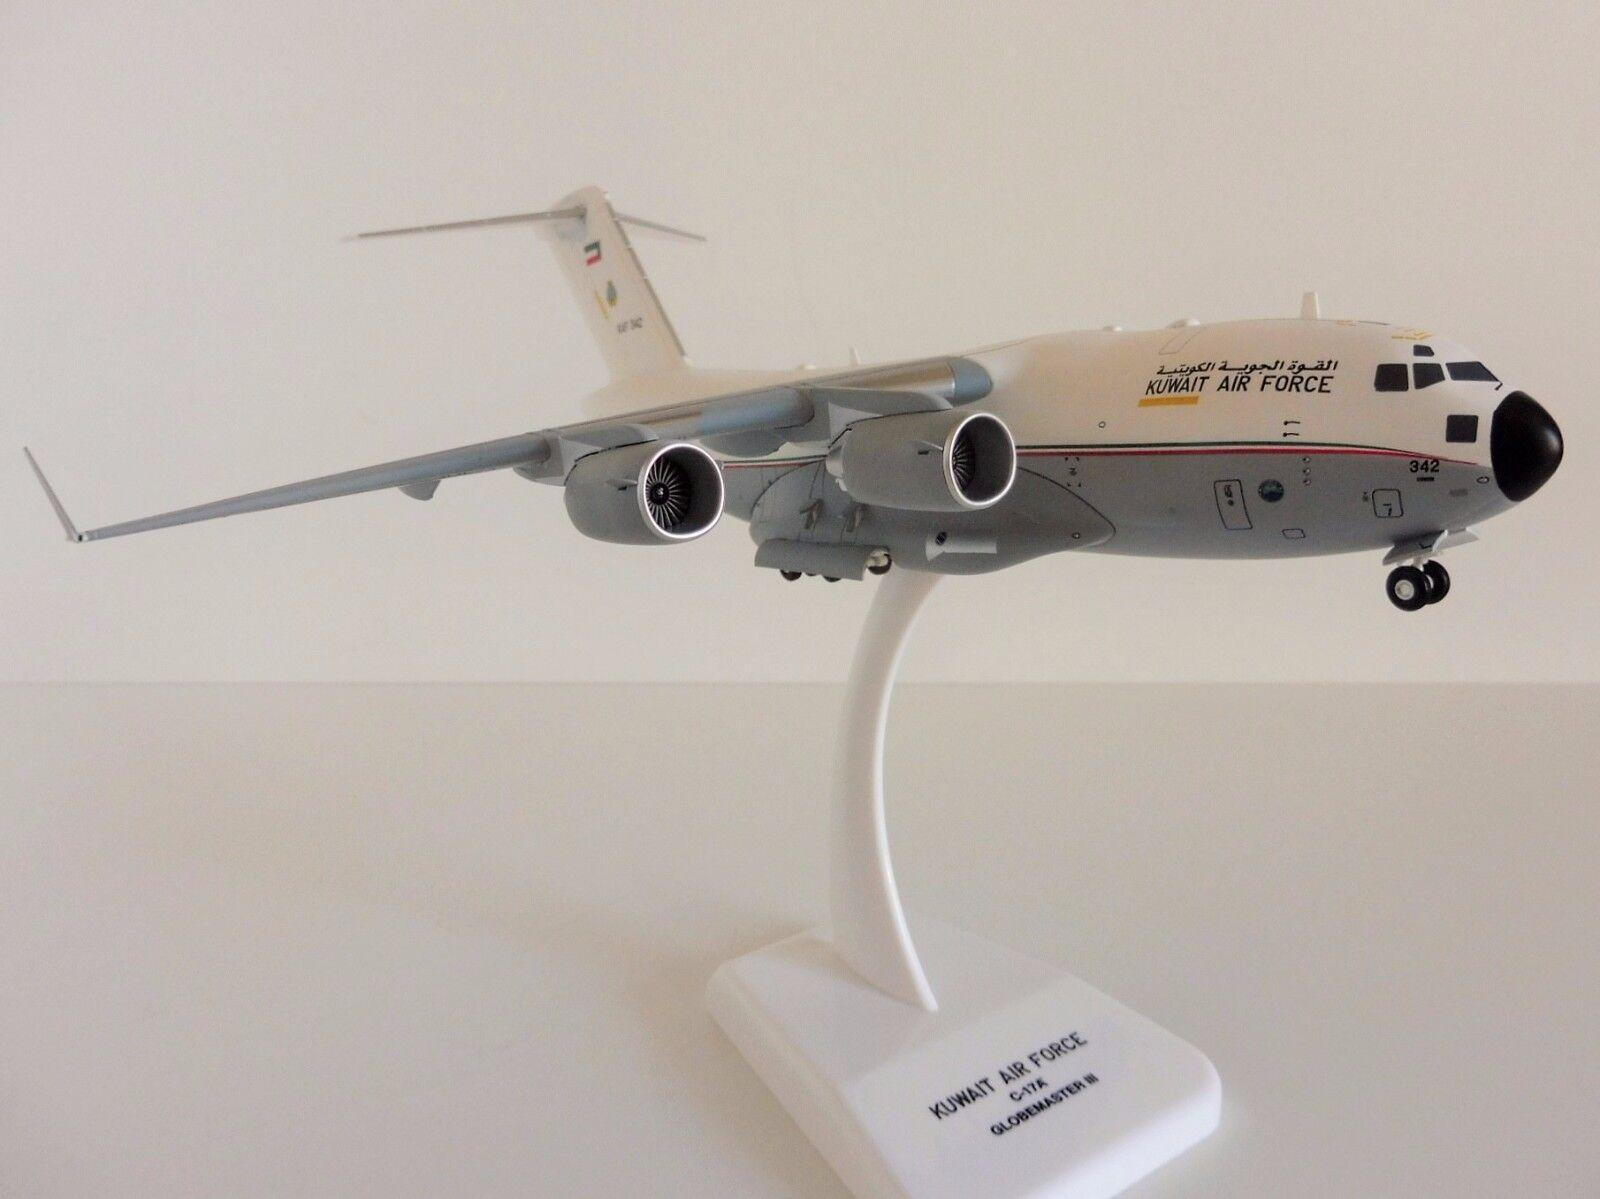 venderse como panqueques Boeing c-17a c-17a c-17a Globemaster III Kuwait Air Force 1 200 Hogan 5606 M-series c17  100% precio garantizado